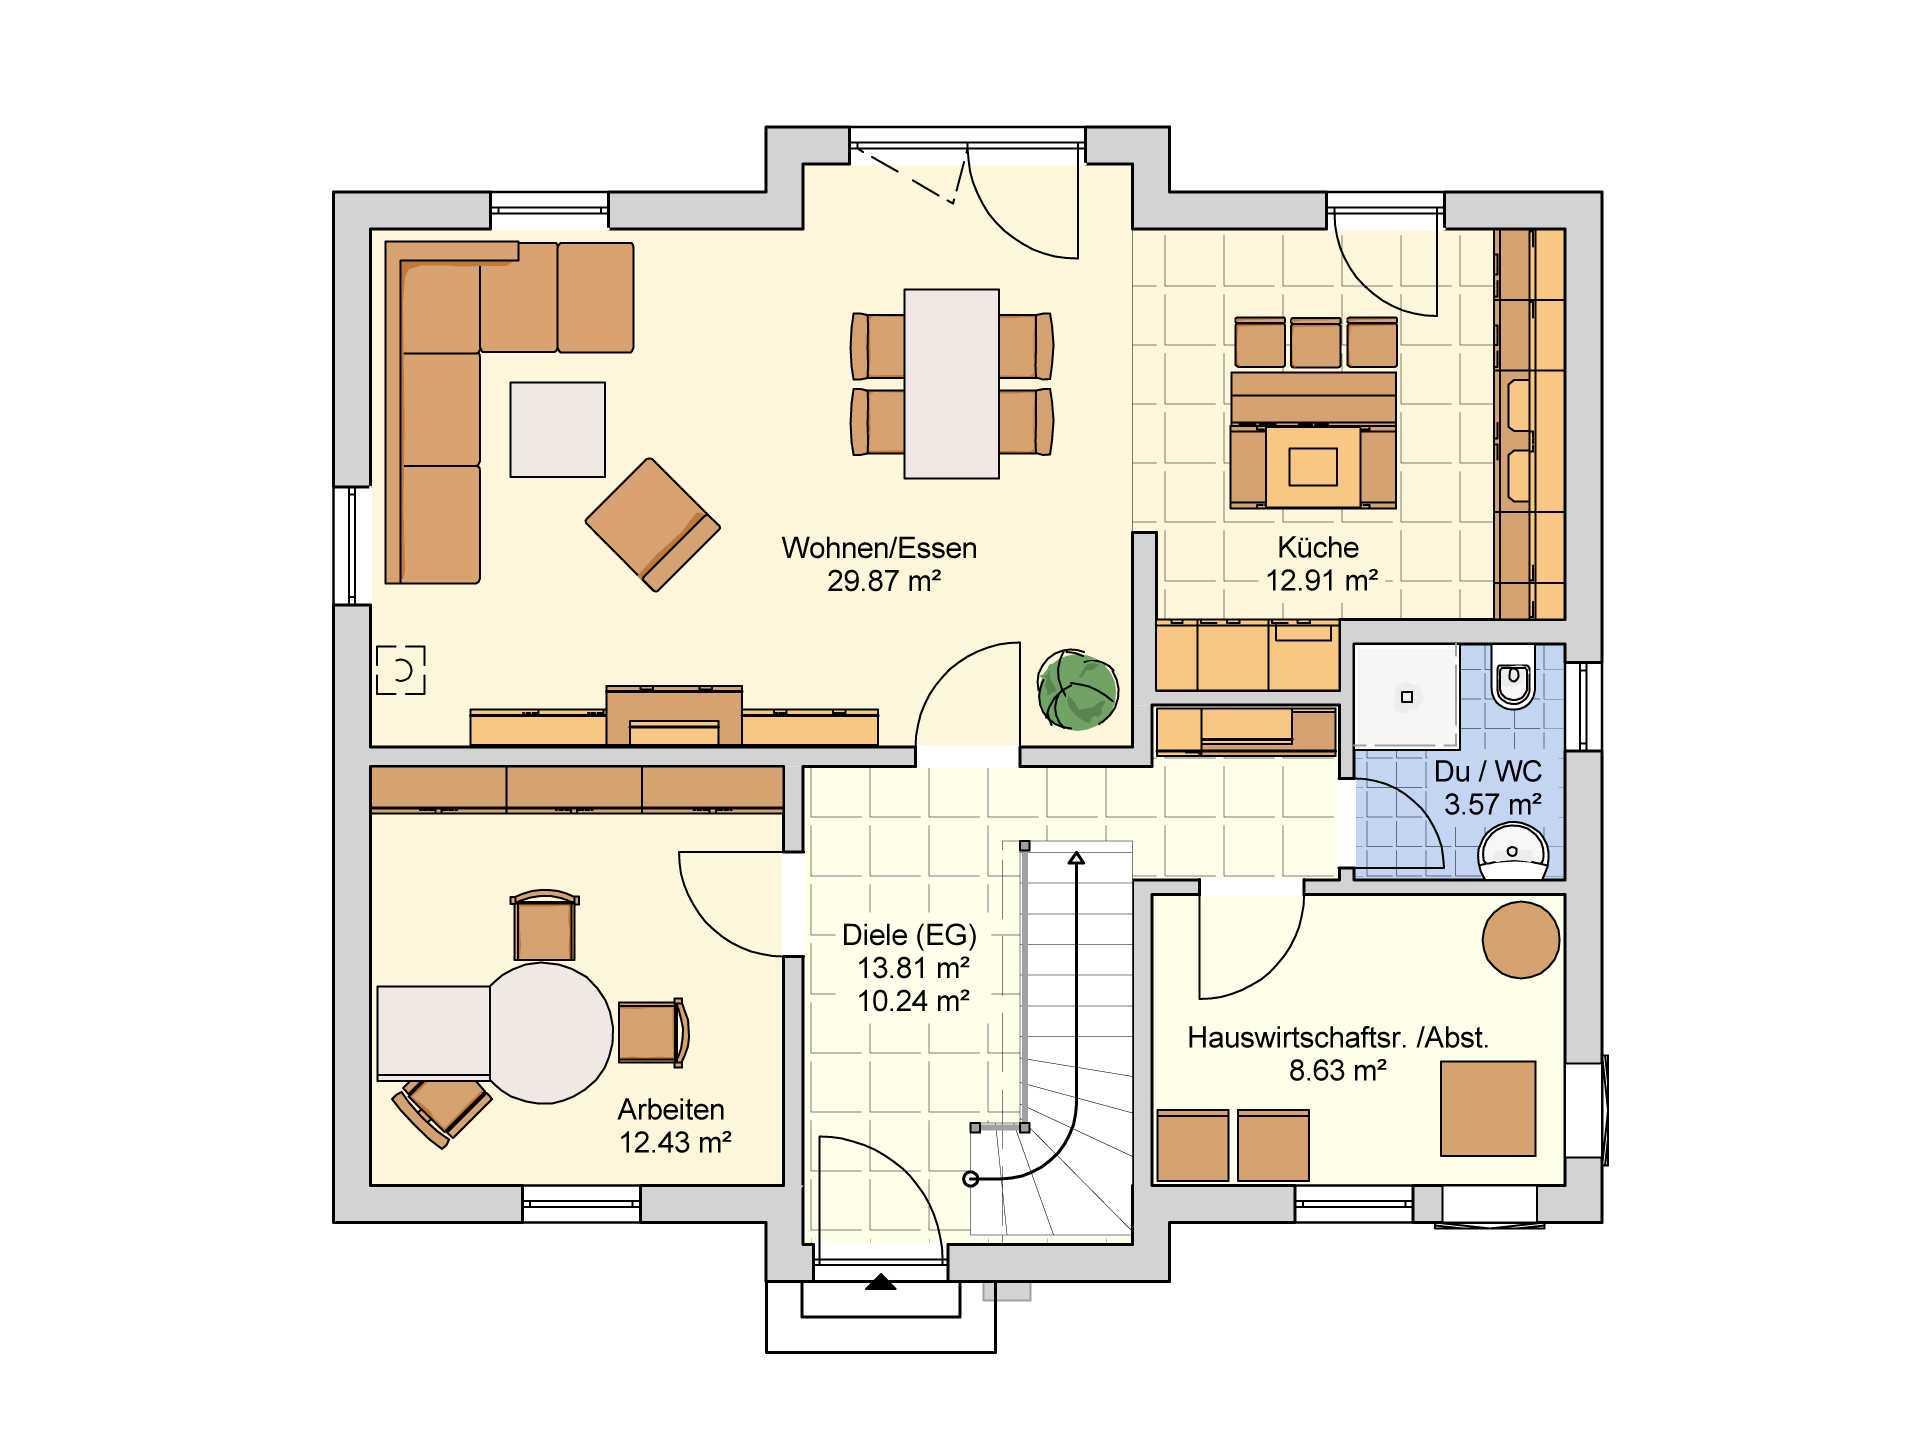 Einfamilienhaus bielefeld fingerhut haus for Muster grundrisse haus